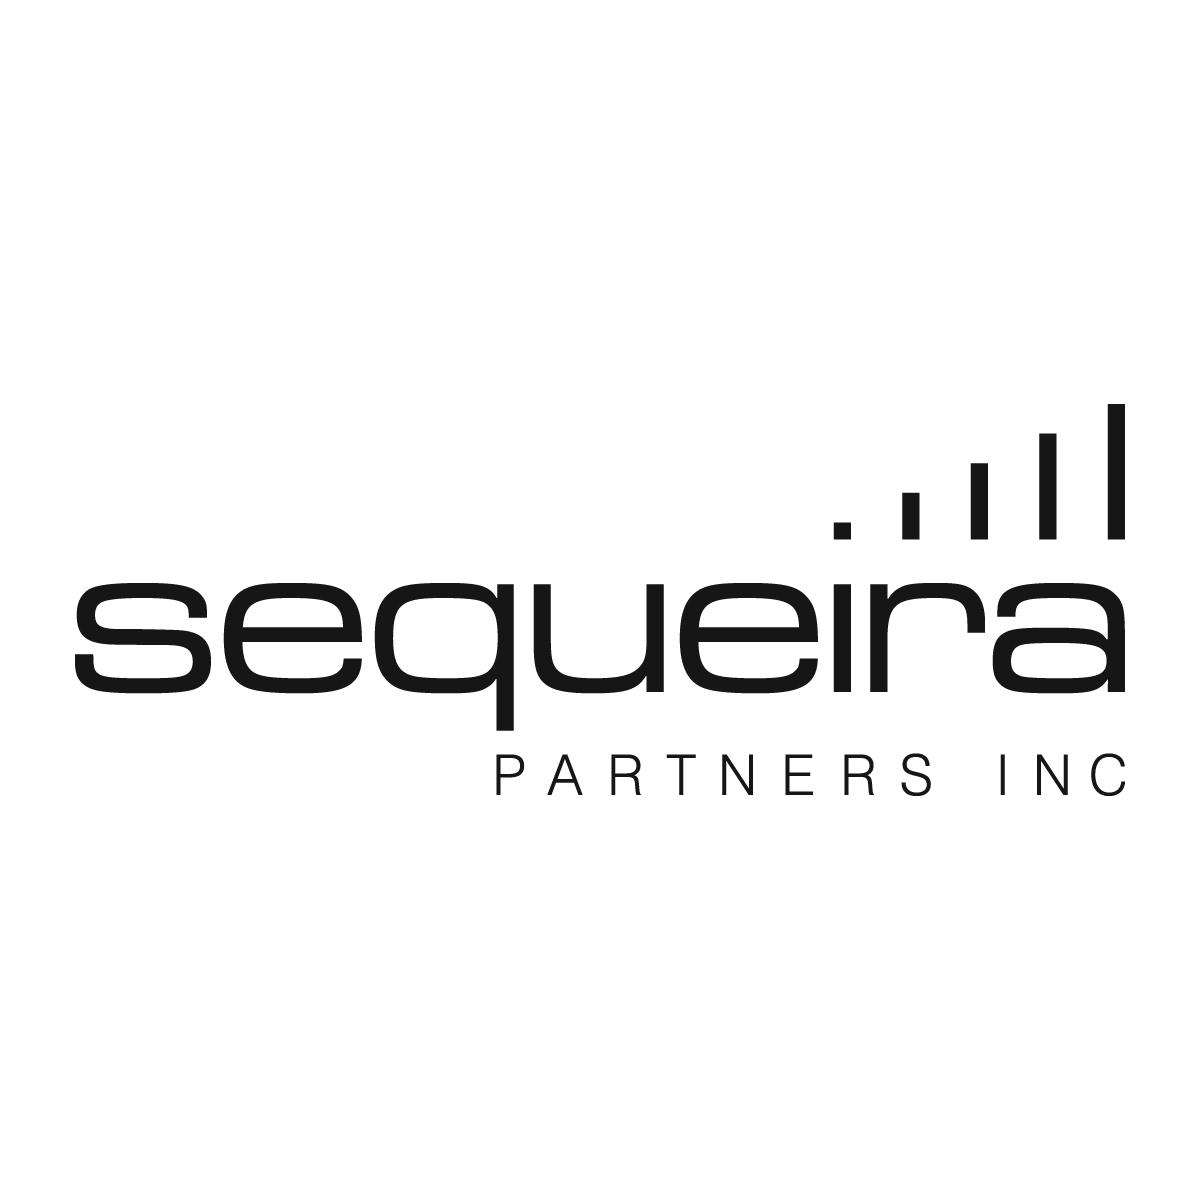 Sequeira Partners Inc.